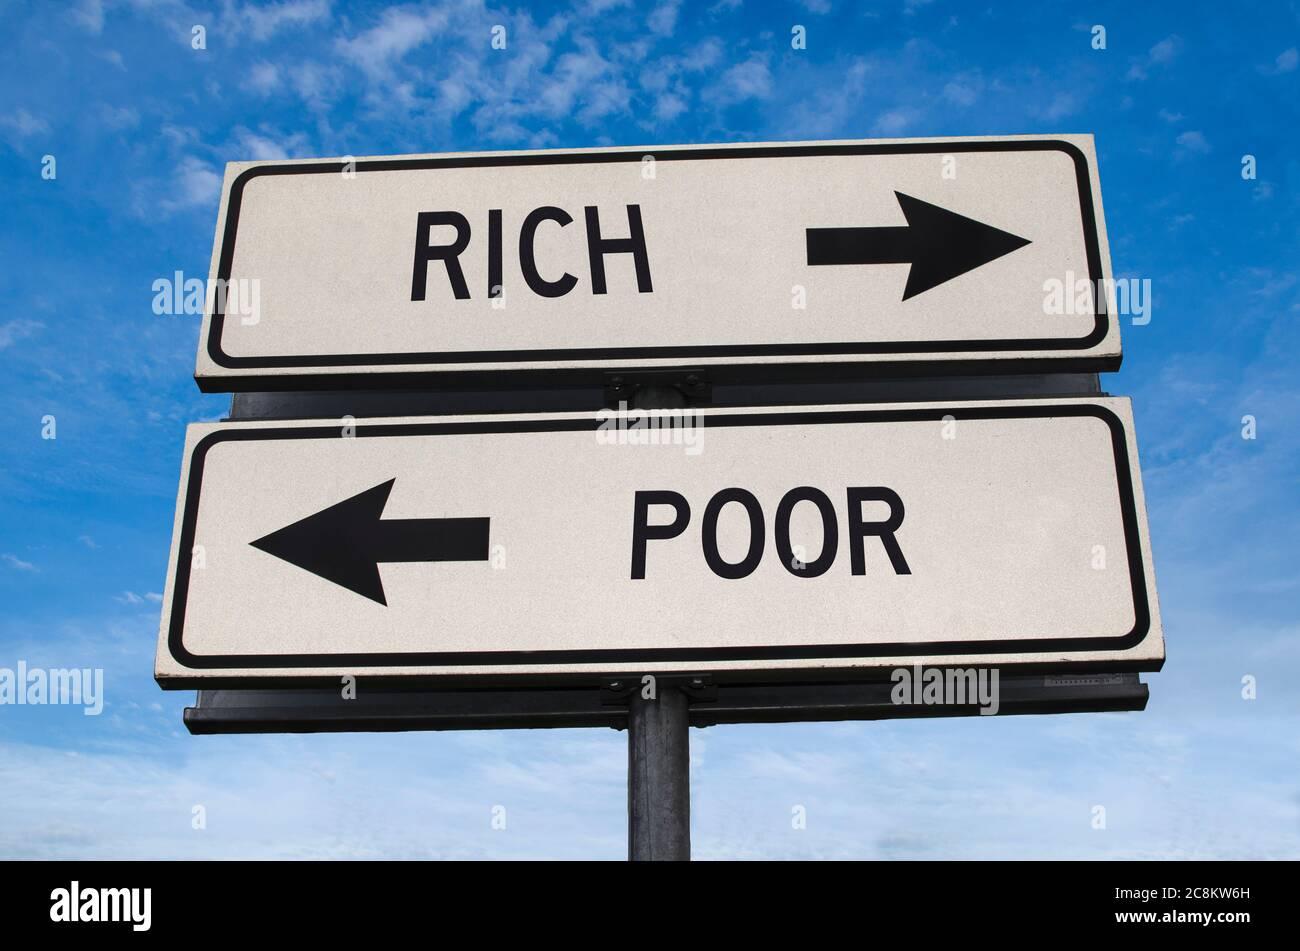 Señal de carretera rica y pobre. Dos señales de calle blancas con flecha en el poste de metal con palabra. Carretera direccional. Señal de cruce de carreteras, dos flechas. Cielo azul Foto de stock